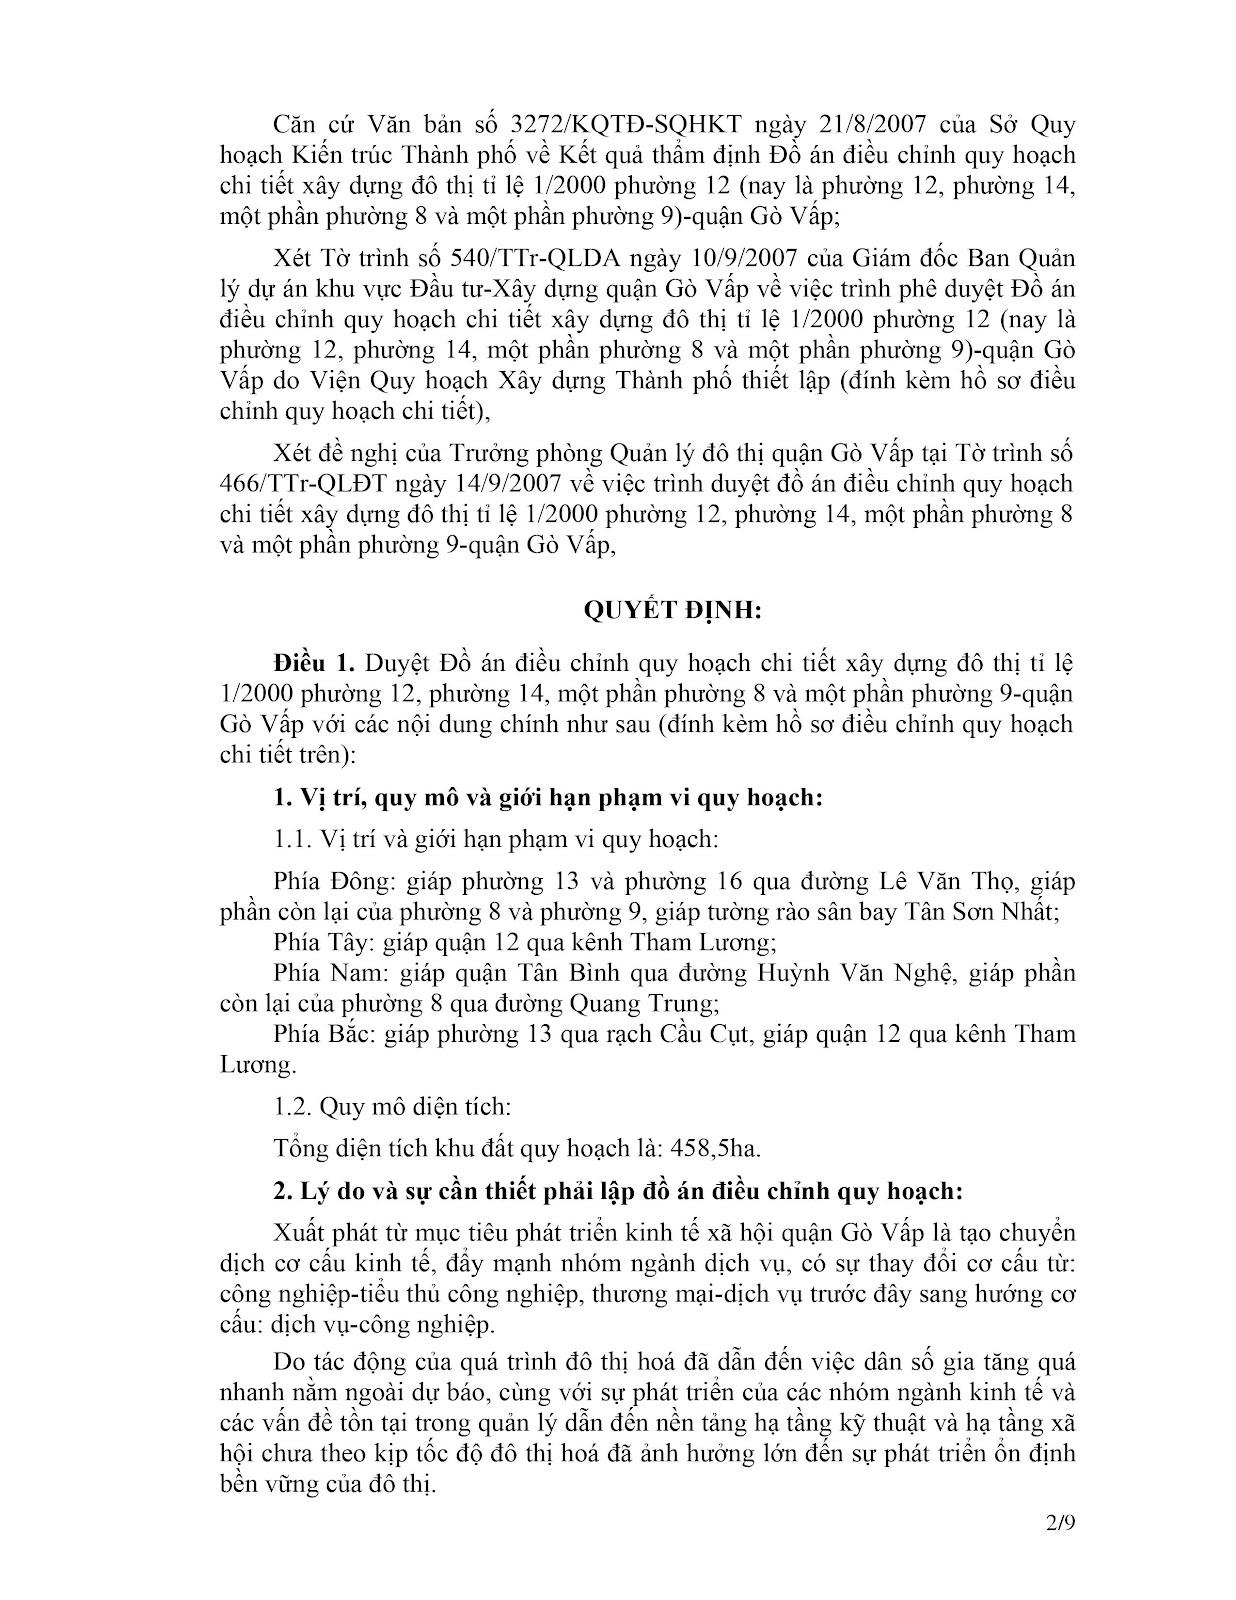 Quyết định số 2145/QĐ-UBND quy hoạch tỉ lệ 1/2000 phường 12 - 14, một phần phường 8 - 9 quận Gò Vấp